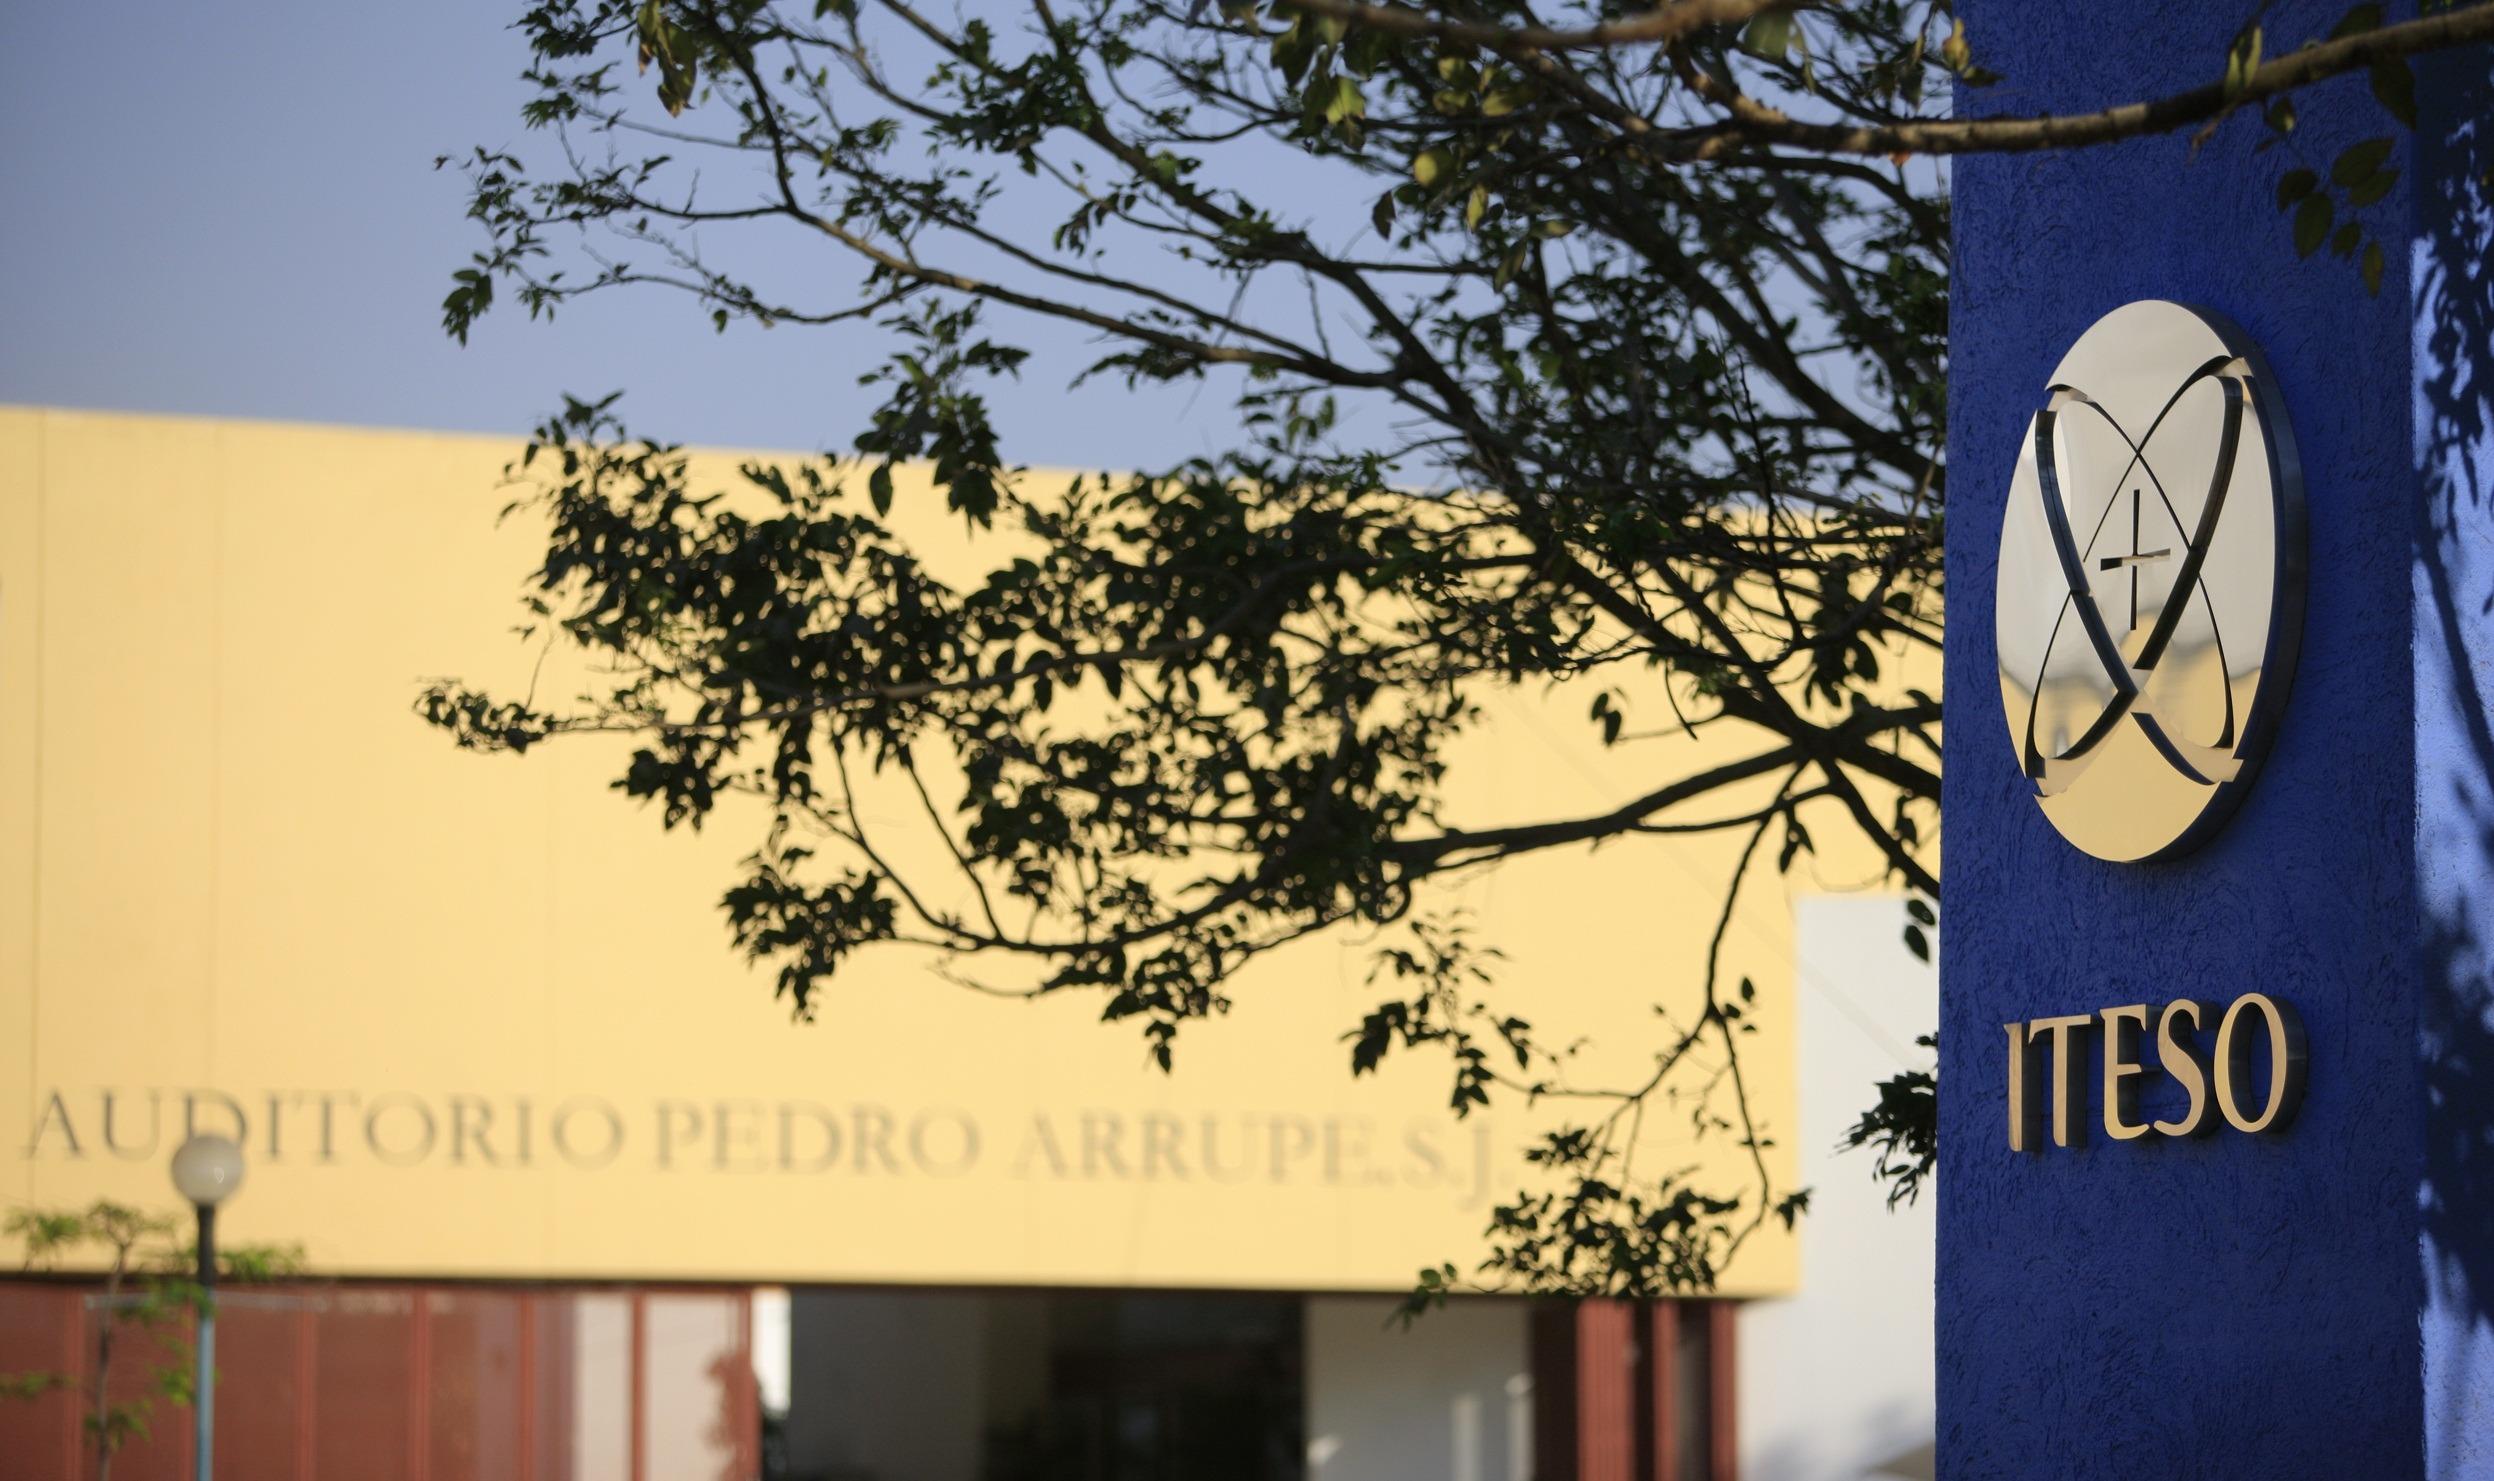 Estudiantes ucabistas podrán cursar materias en el ITESO de México